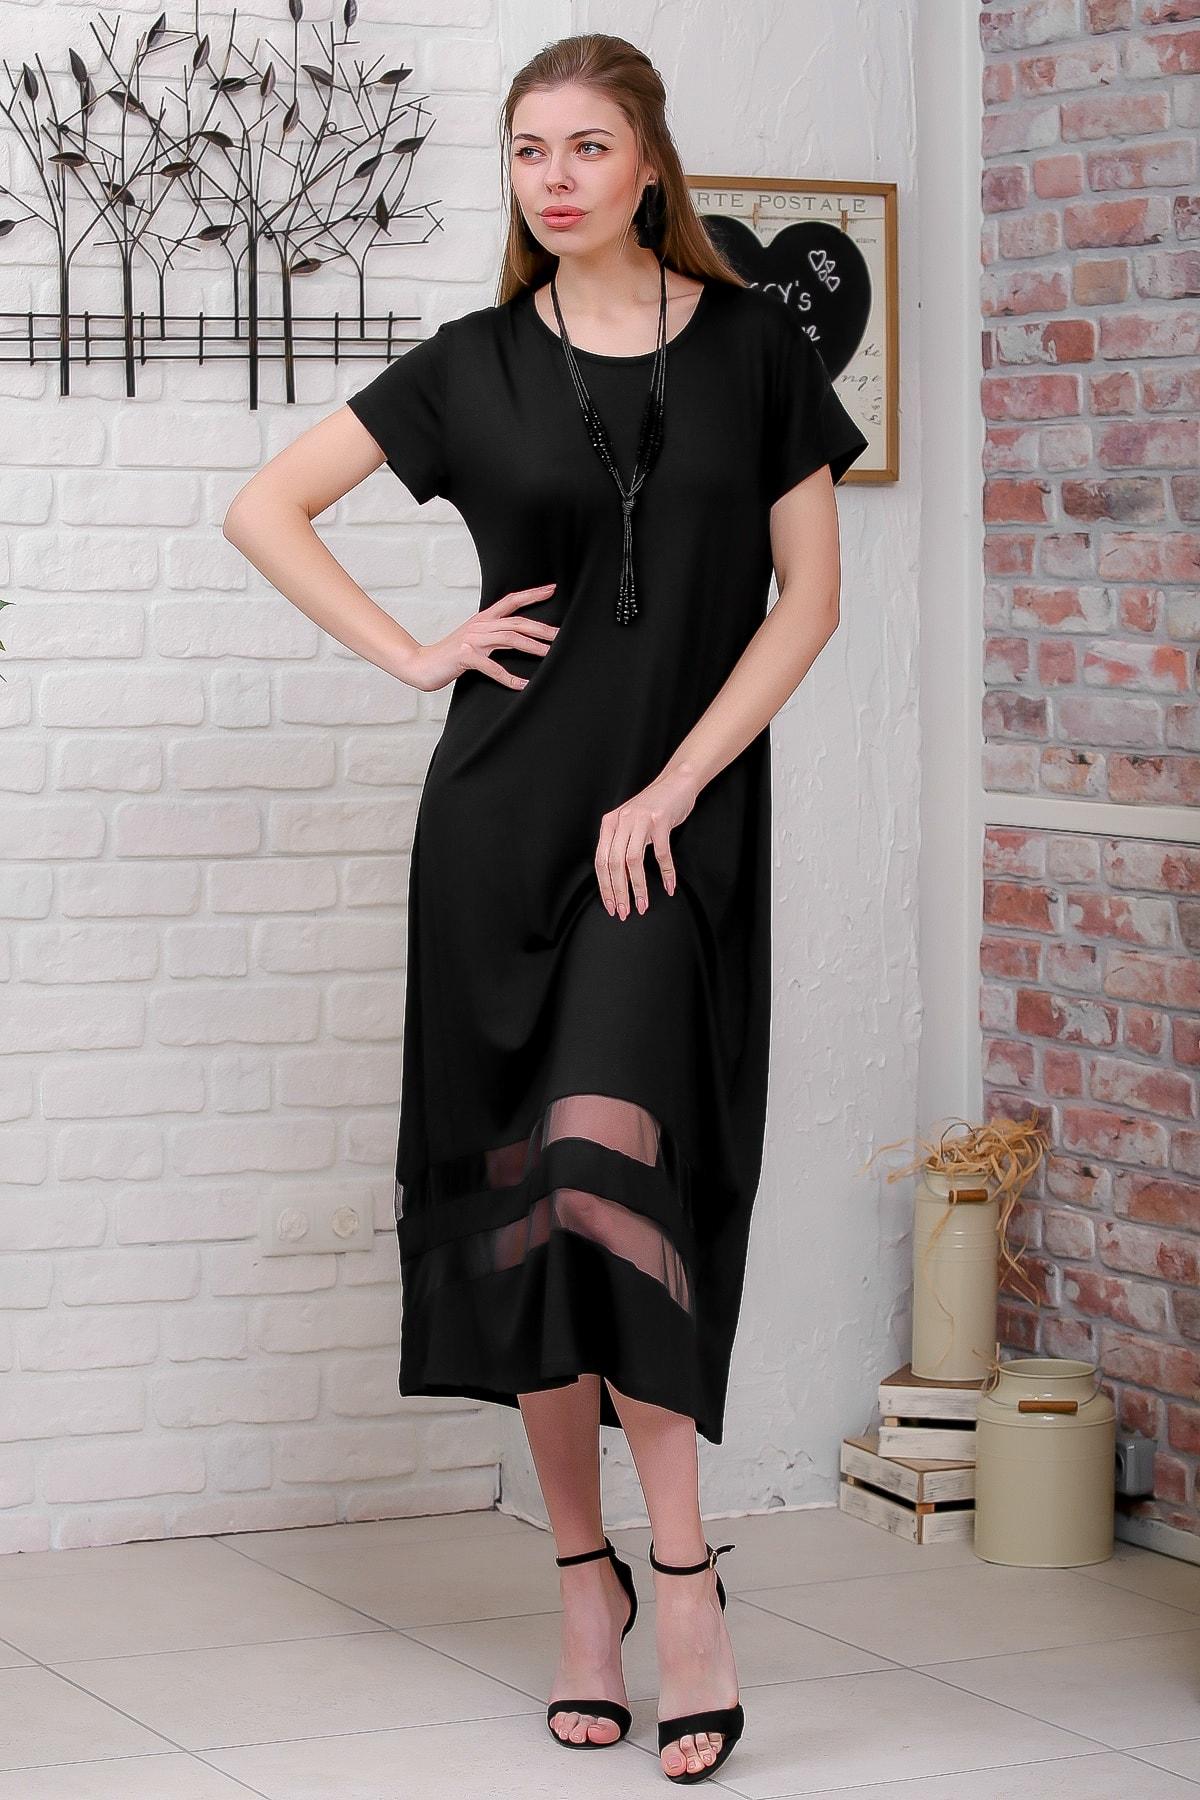 Chiccy Kadın Siyah Sıfır Yaka Kısa Kollu Etek Ucu Mesh Bloklu Salaş Elbise M10160000EL95546